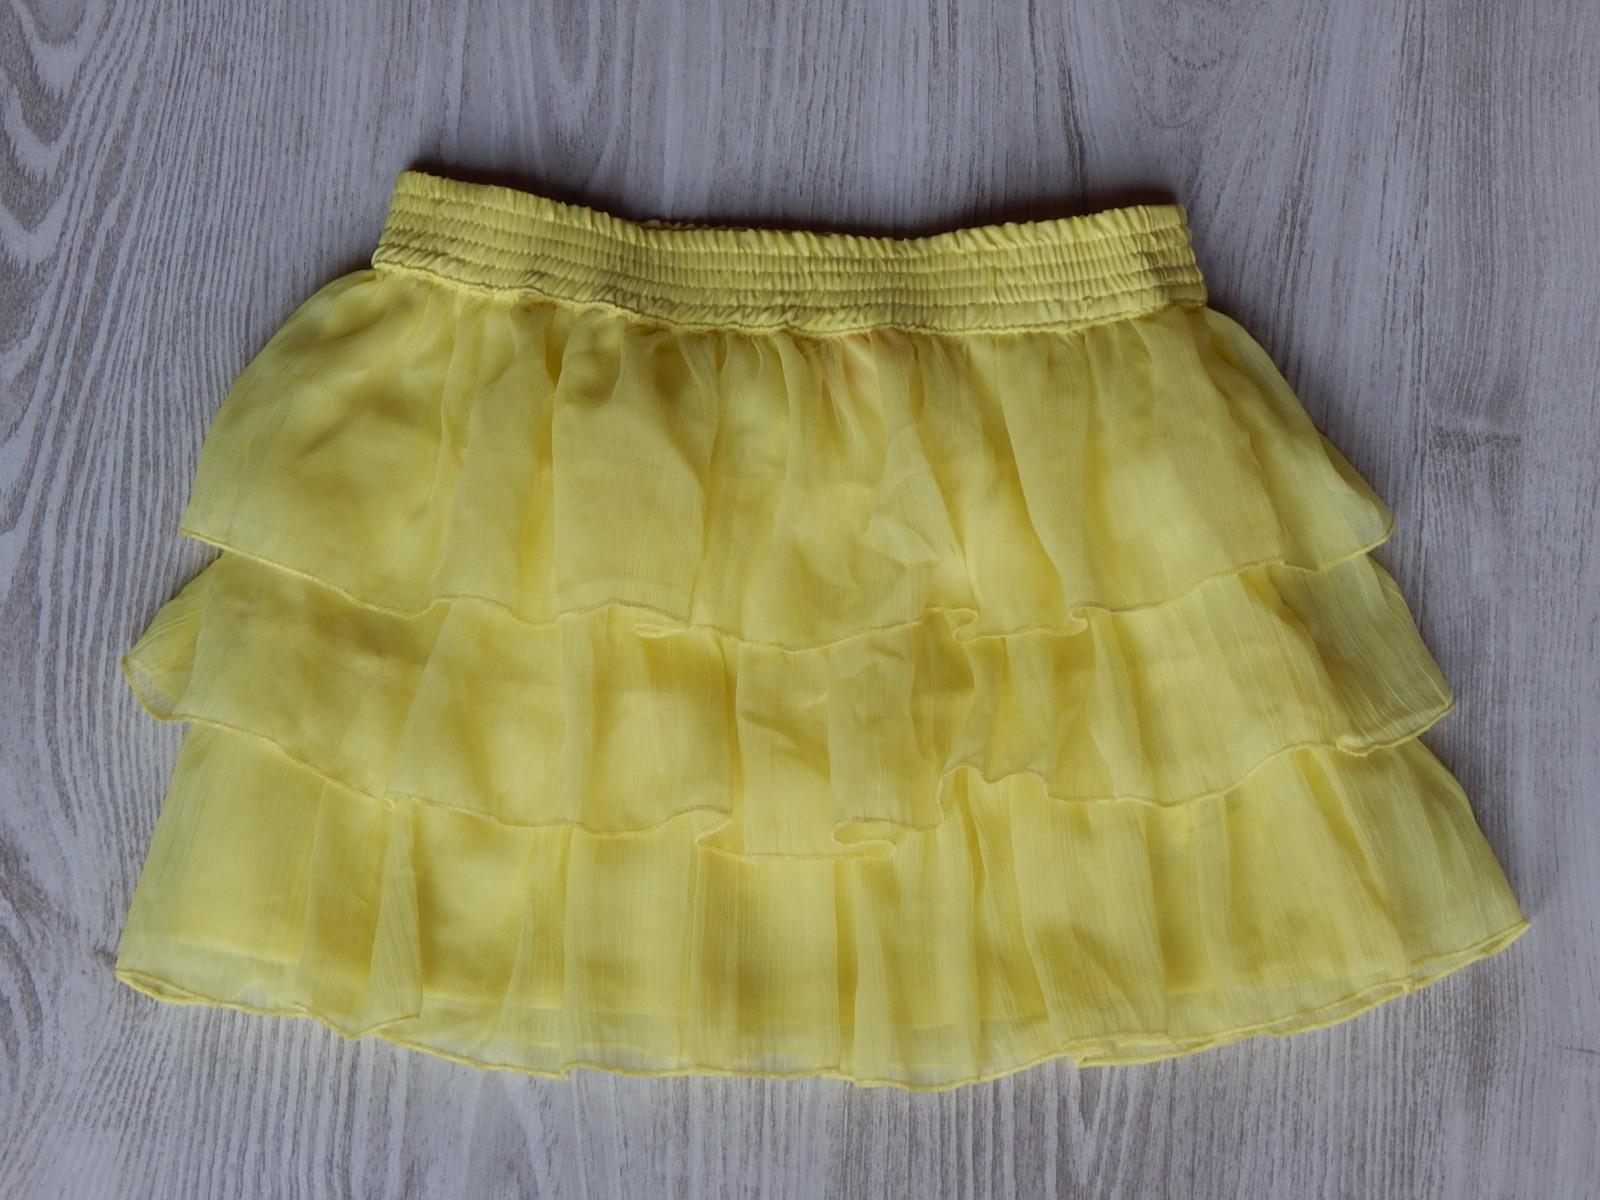 Sárga tüllszoknya  122 (7 év)   Lány ruhák     Lótusz Gyerekruha Webshop 6f9a219c7e